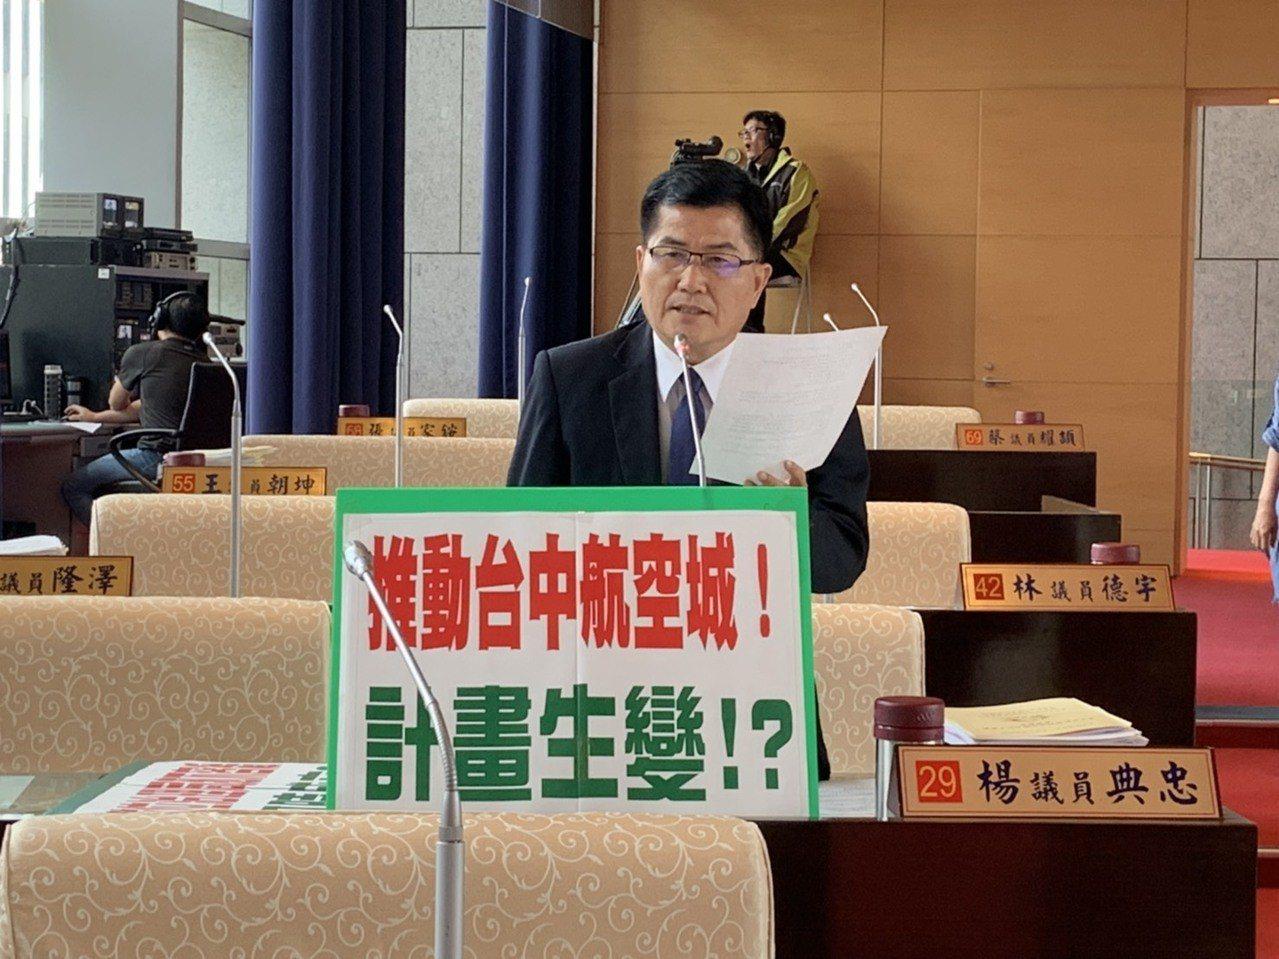 民進黨議員楊典忠擔心台中航空城計畫生變。記者陳秋雲/攝影